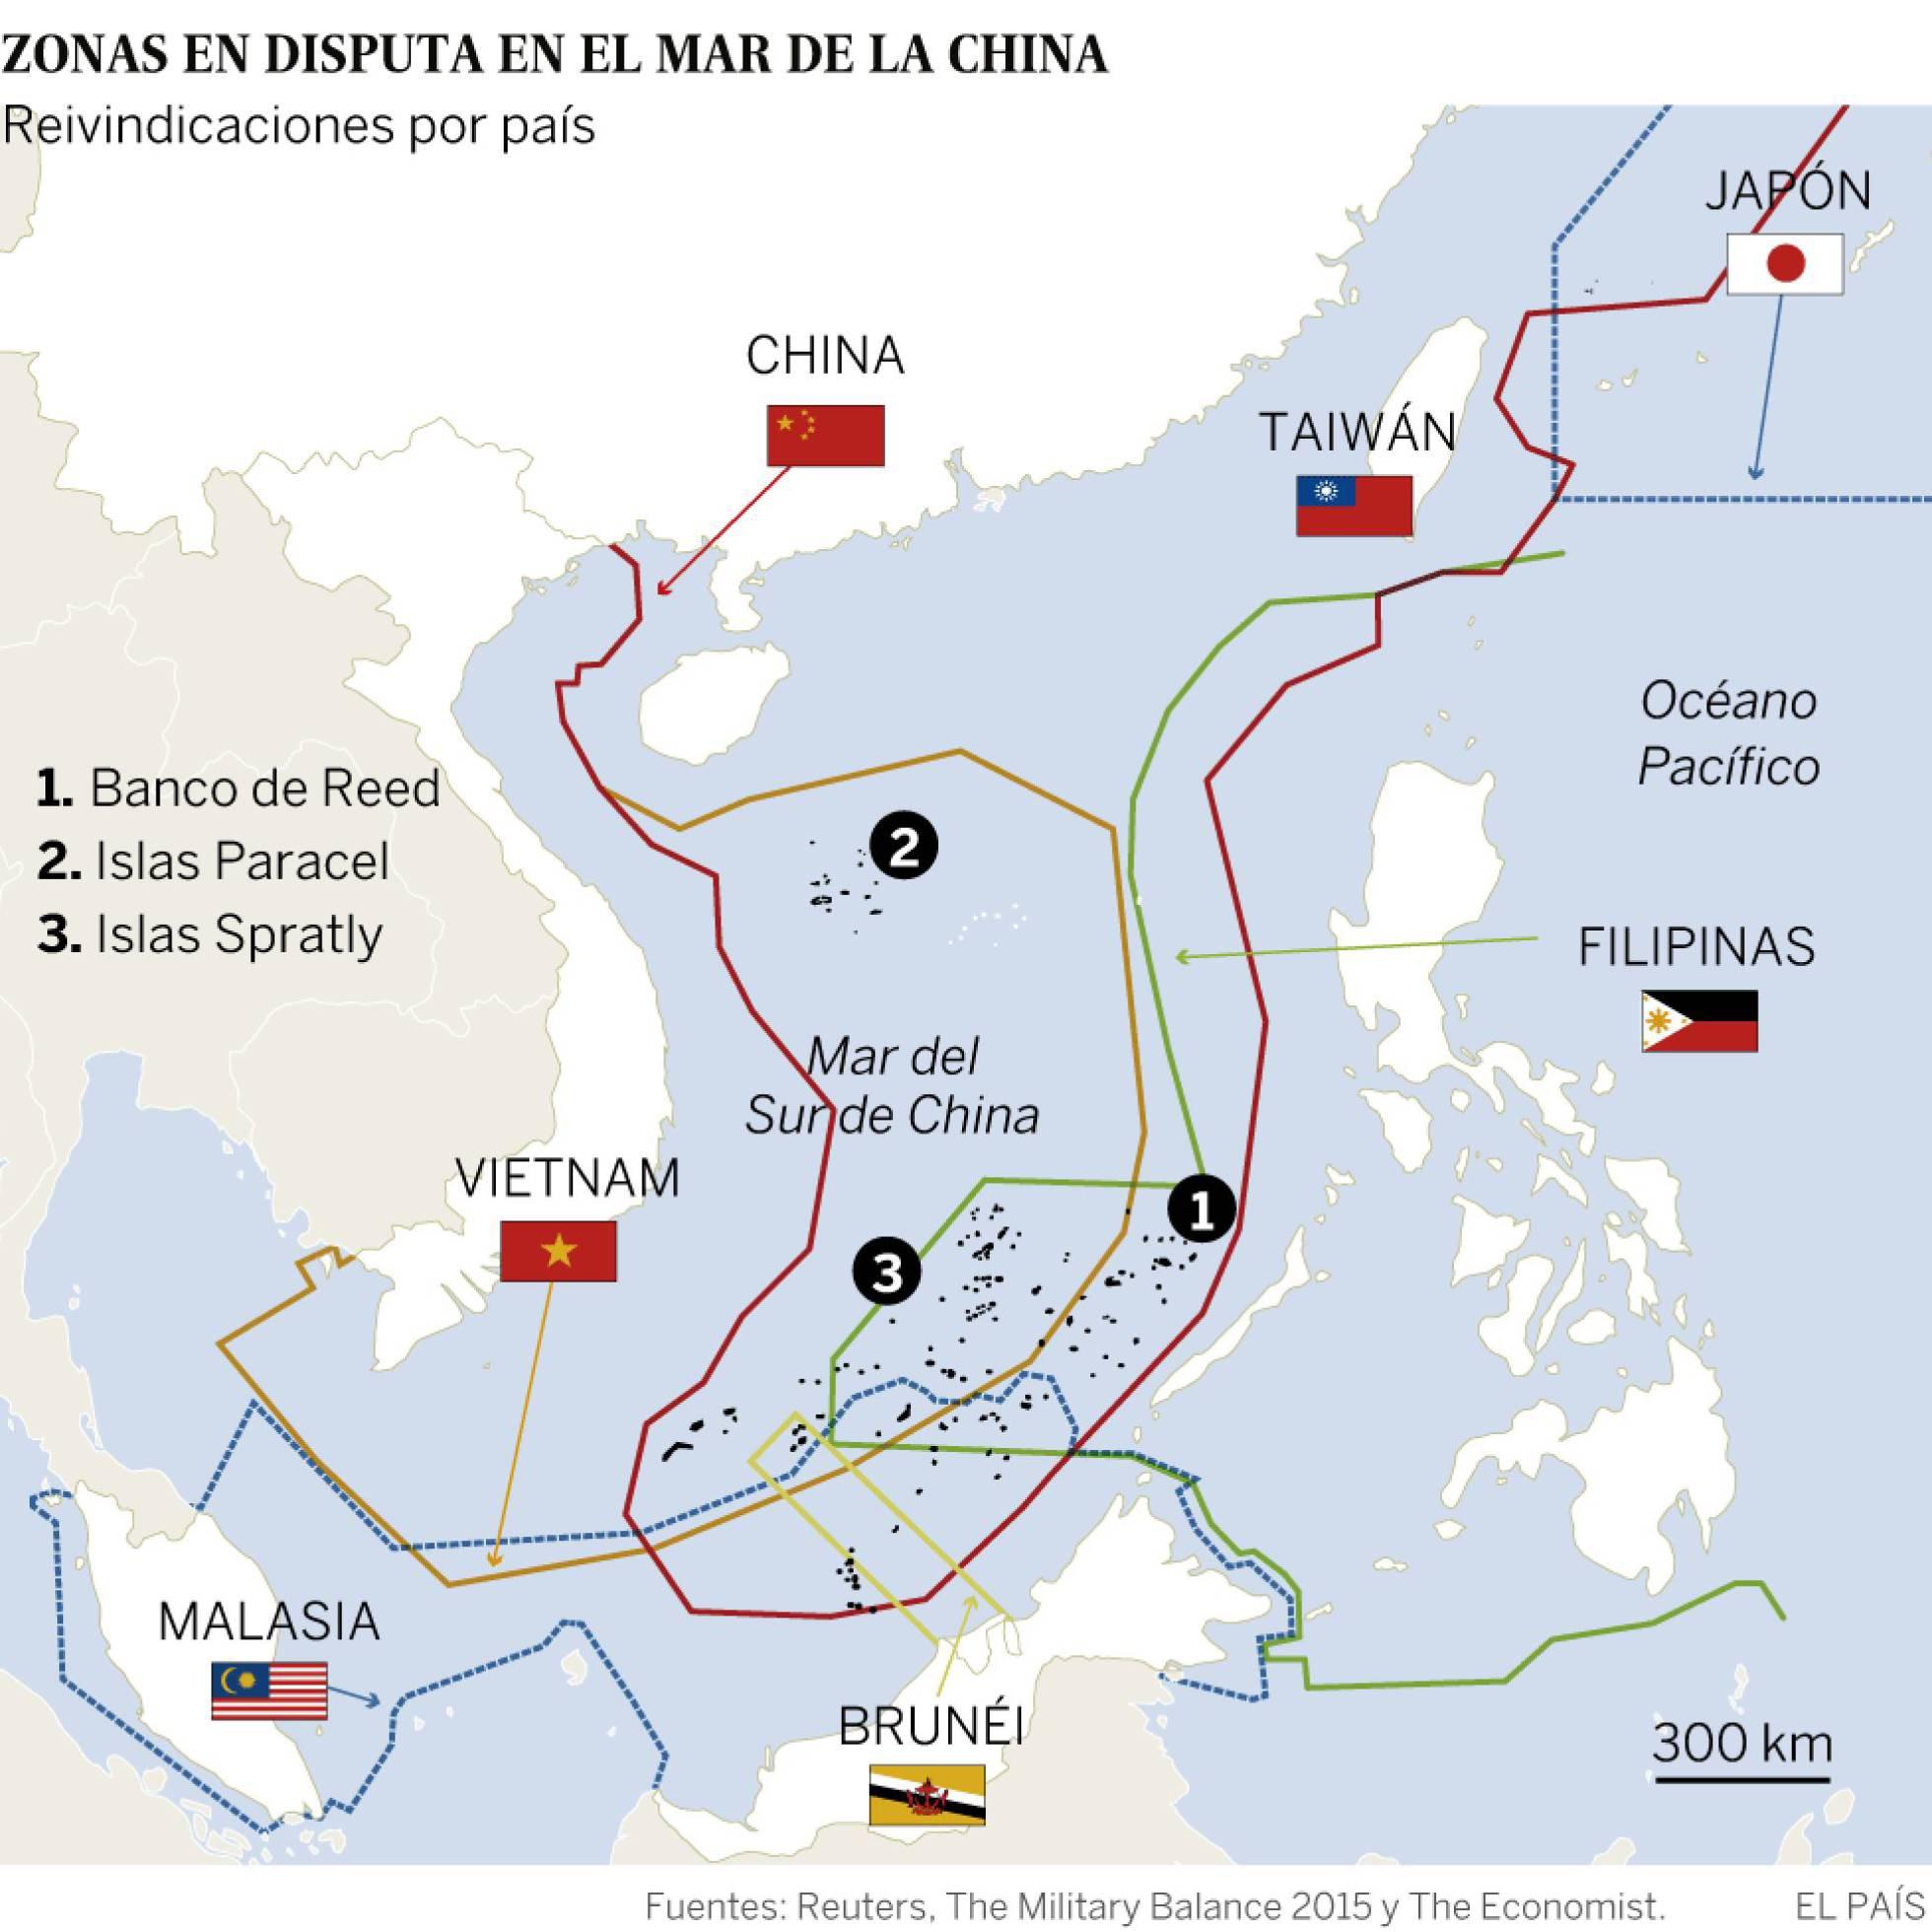 Islas en conflicto en Sudasia- Spratley,Paracel - conflictos, documentacion, acuerdos y articulos  -Ahora administradas desde la Isla de Hainan, China Abr 2020  - Página 3 1495674532_375608_1495675358_sumario_normal_recorte1